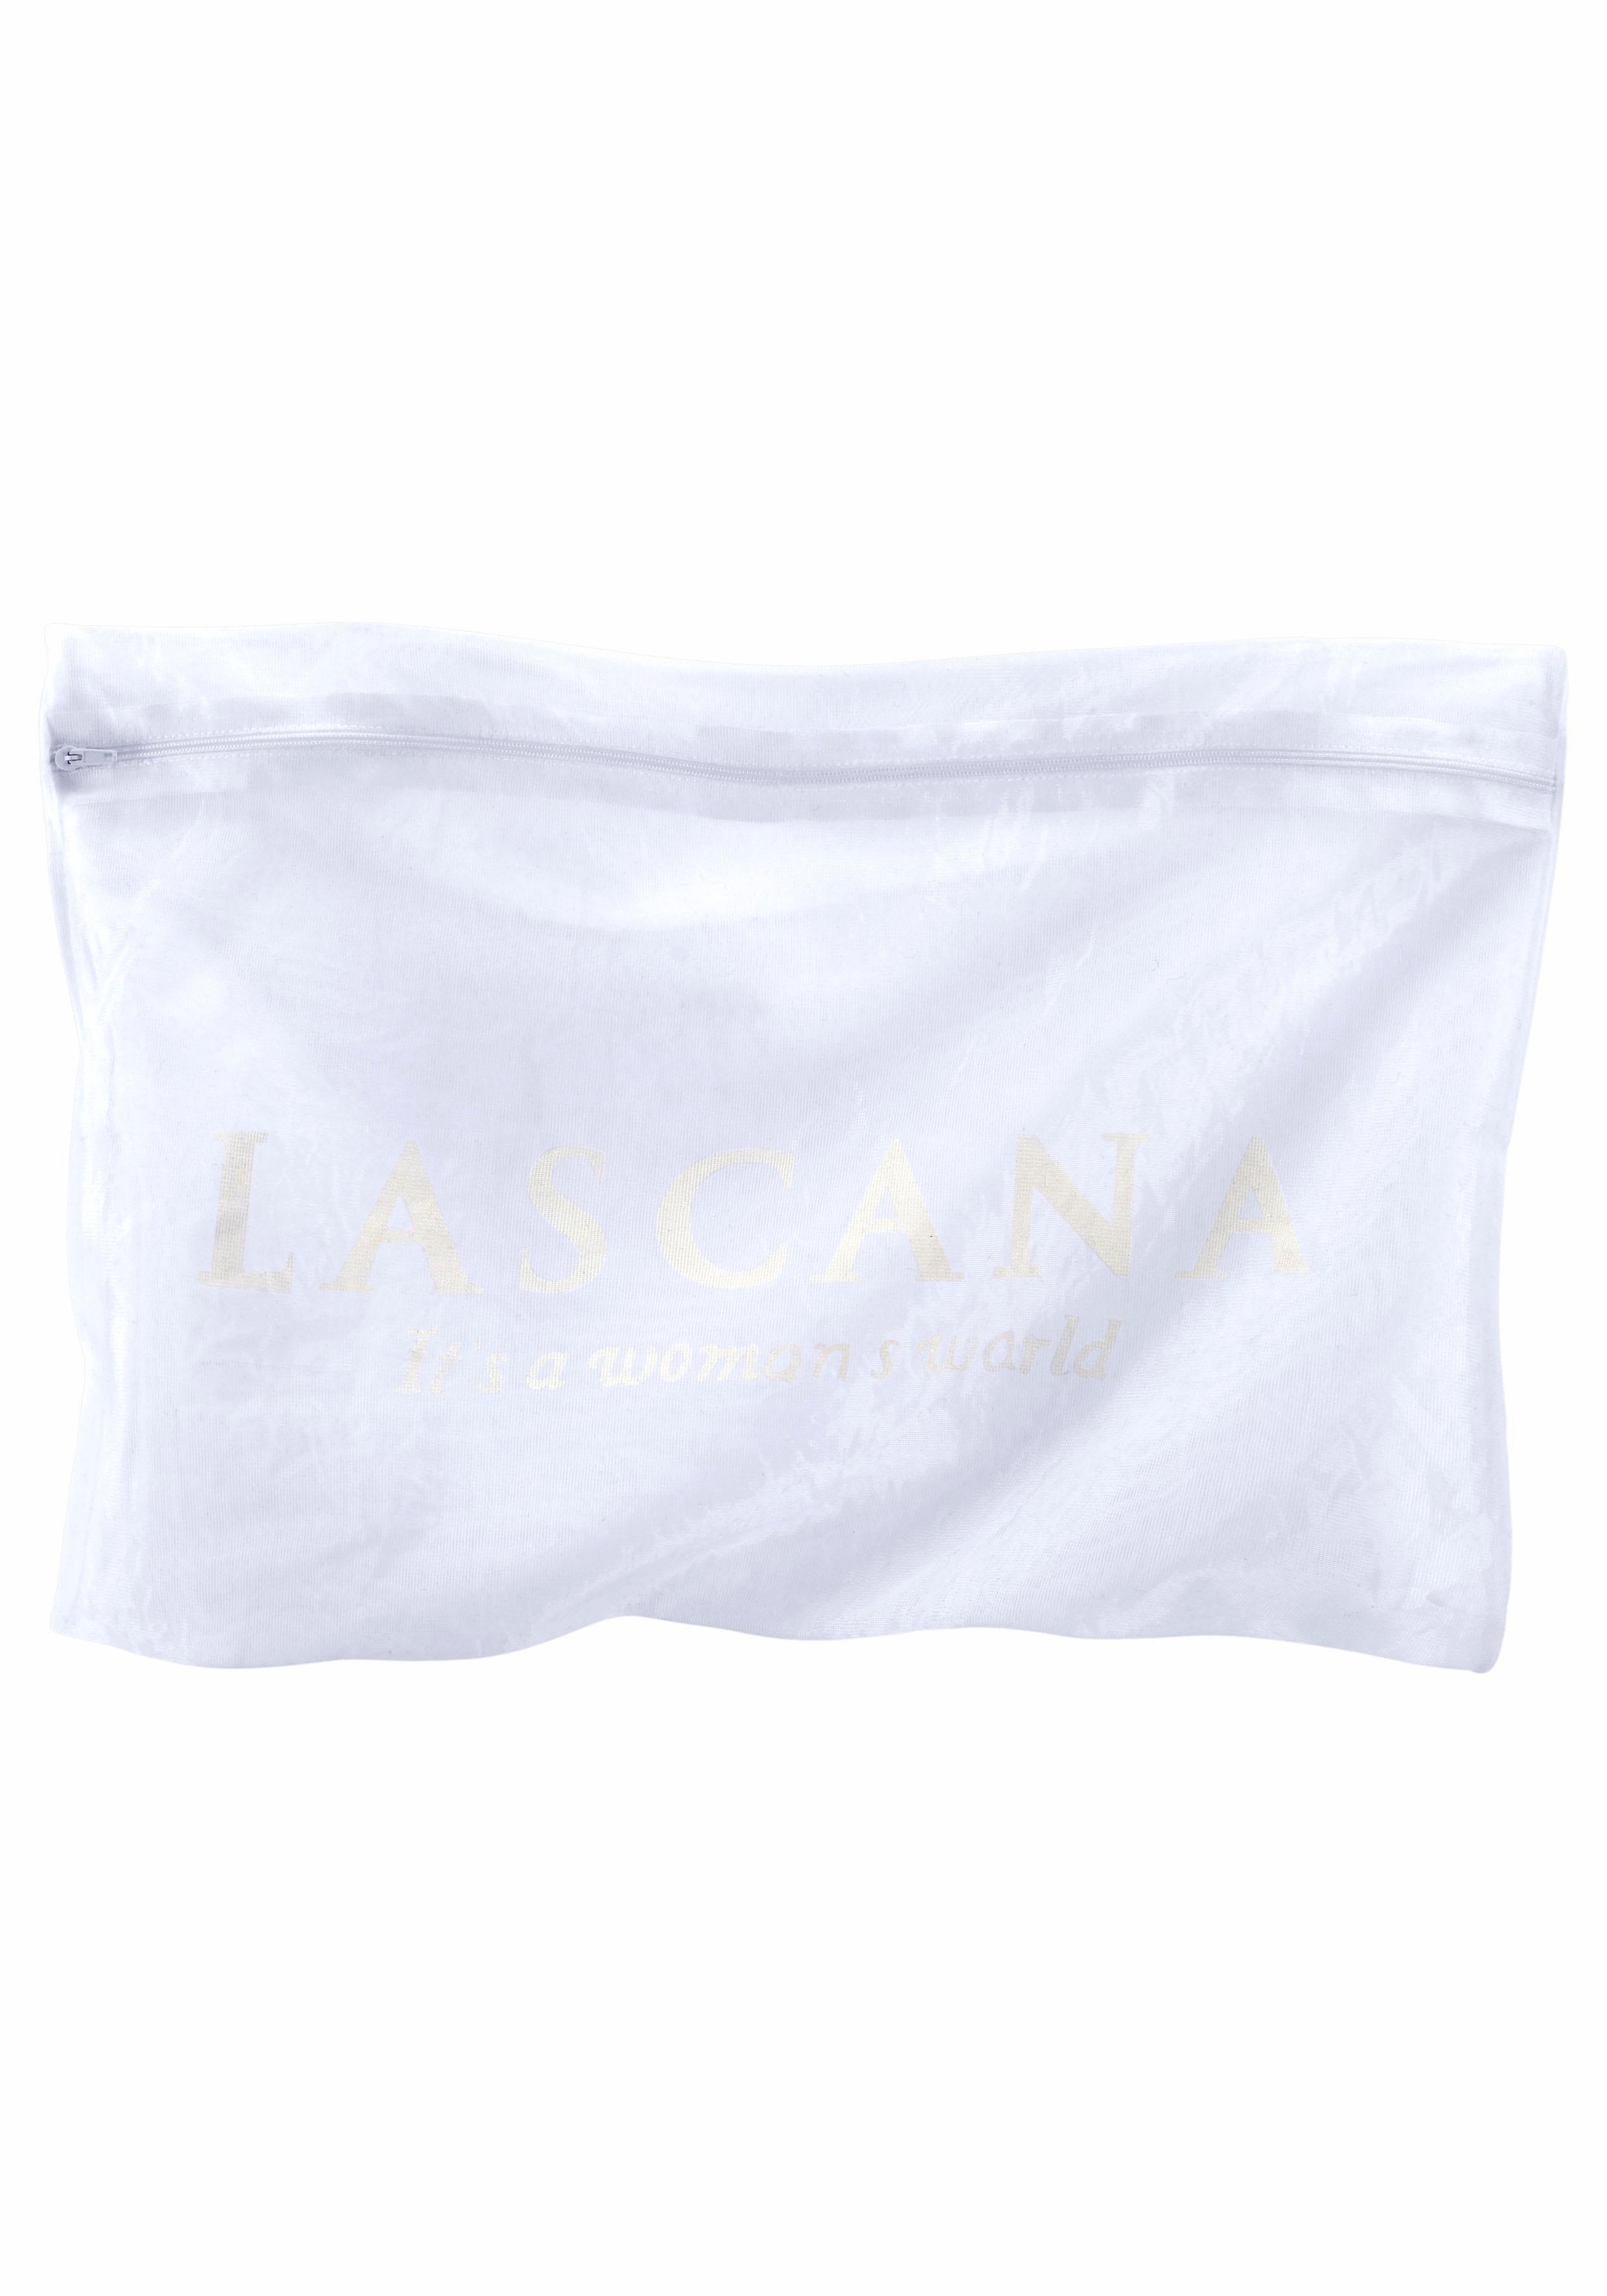 LASCANA Wäschesäckchen